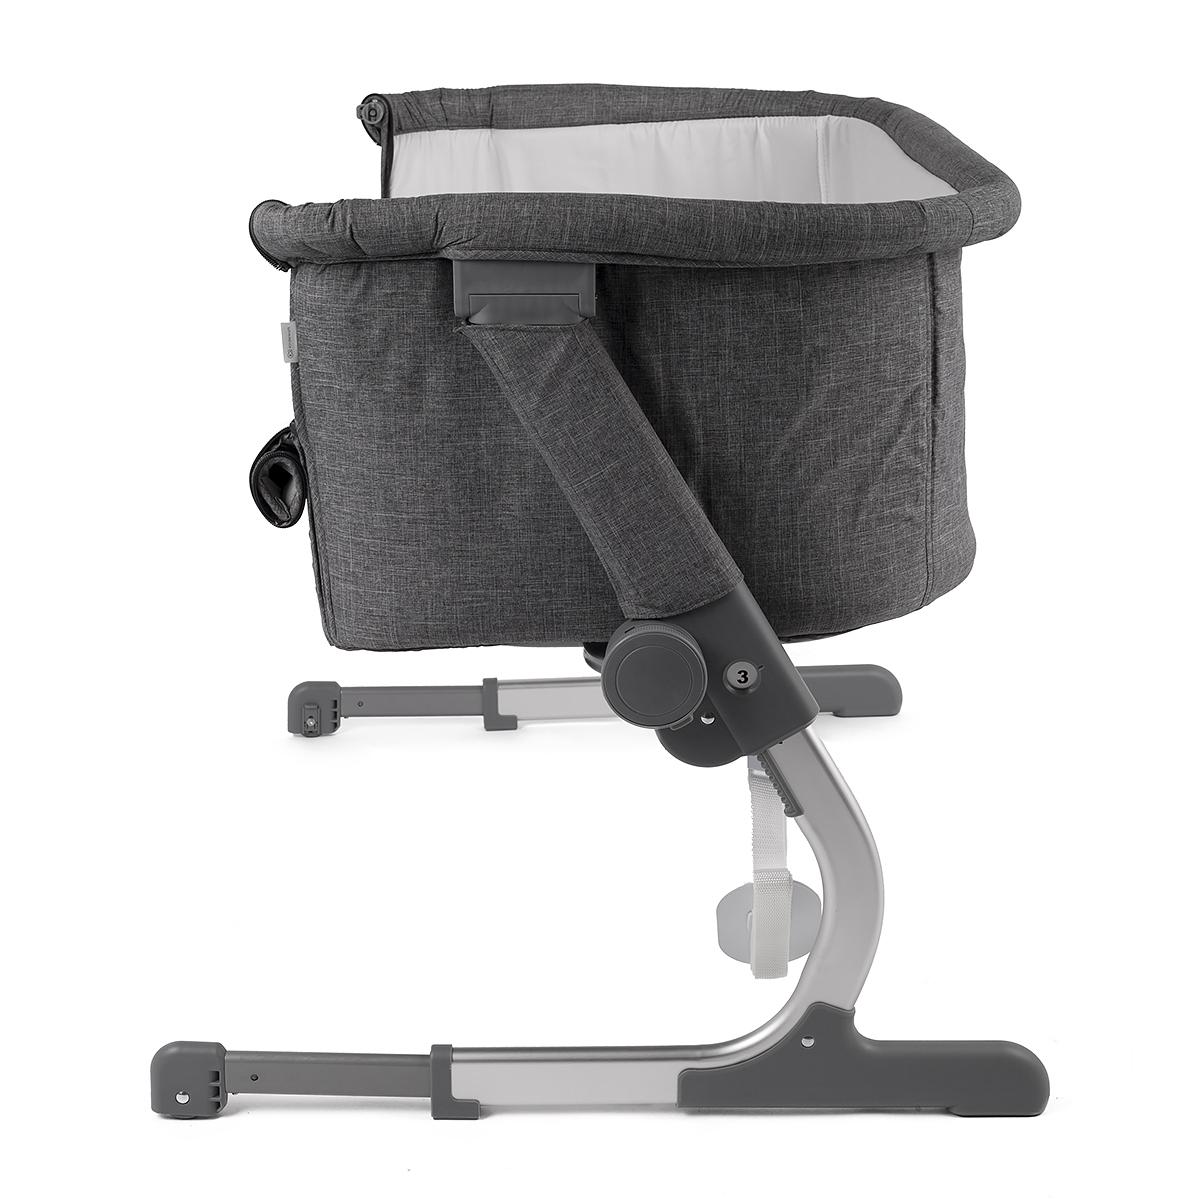 kinderkraft uno 2in1 beistellbett mit matratze babybett kinder baby reisebett ebay. Black Bedroom Furniture Sets. Home Design Ideas